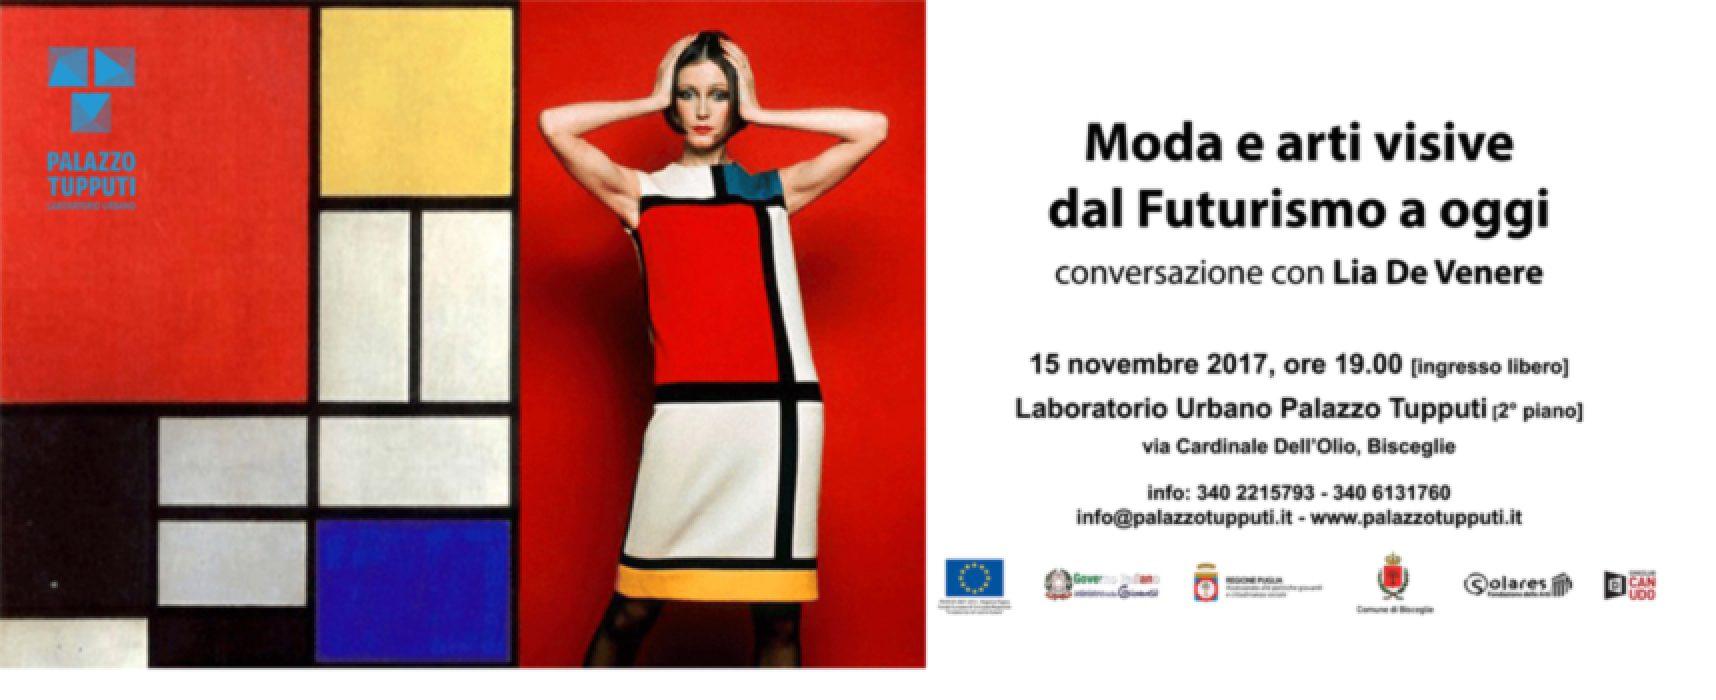 Moda e arti visive dal Futurismo a oggi, conversazione con Lia De Venere a palazzo Tupputi